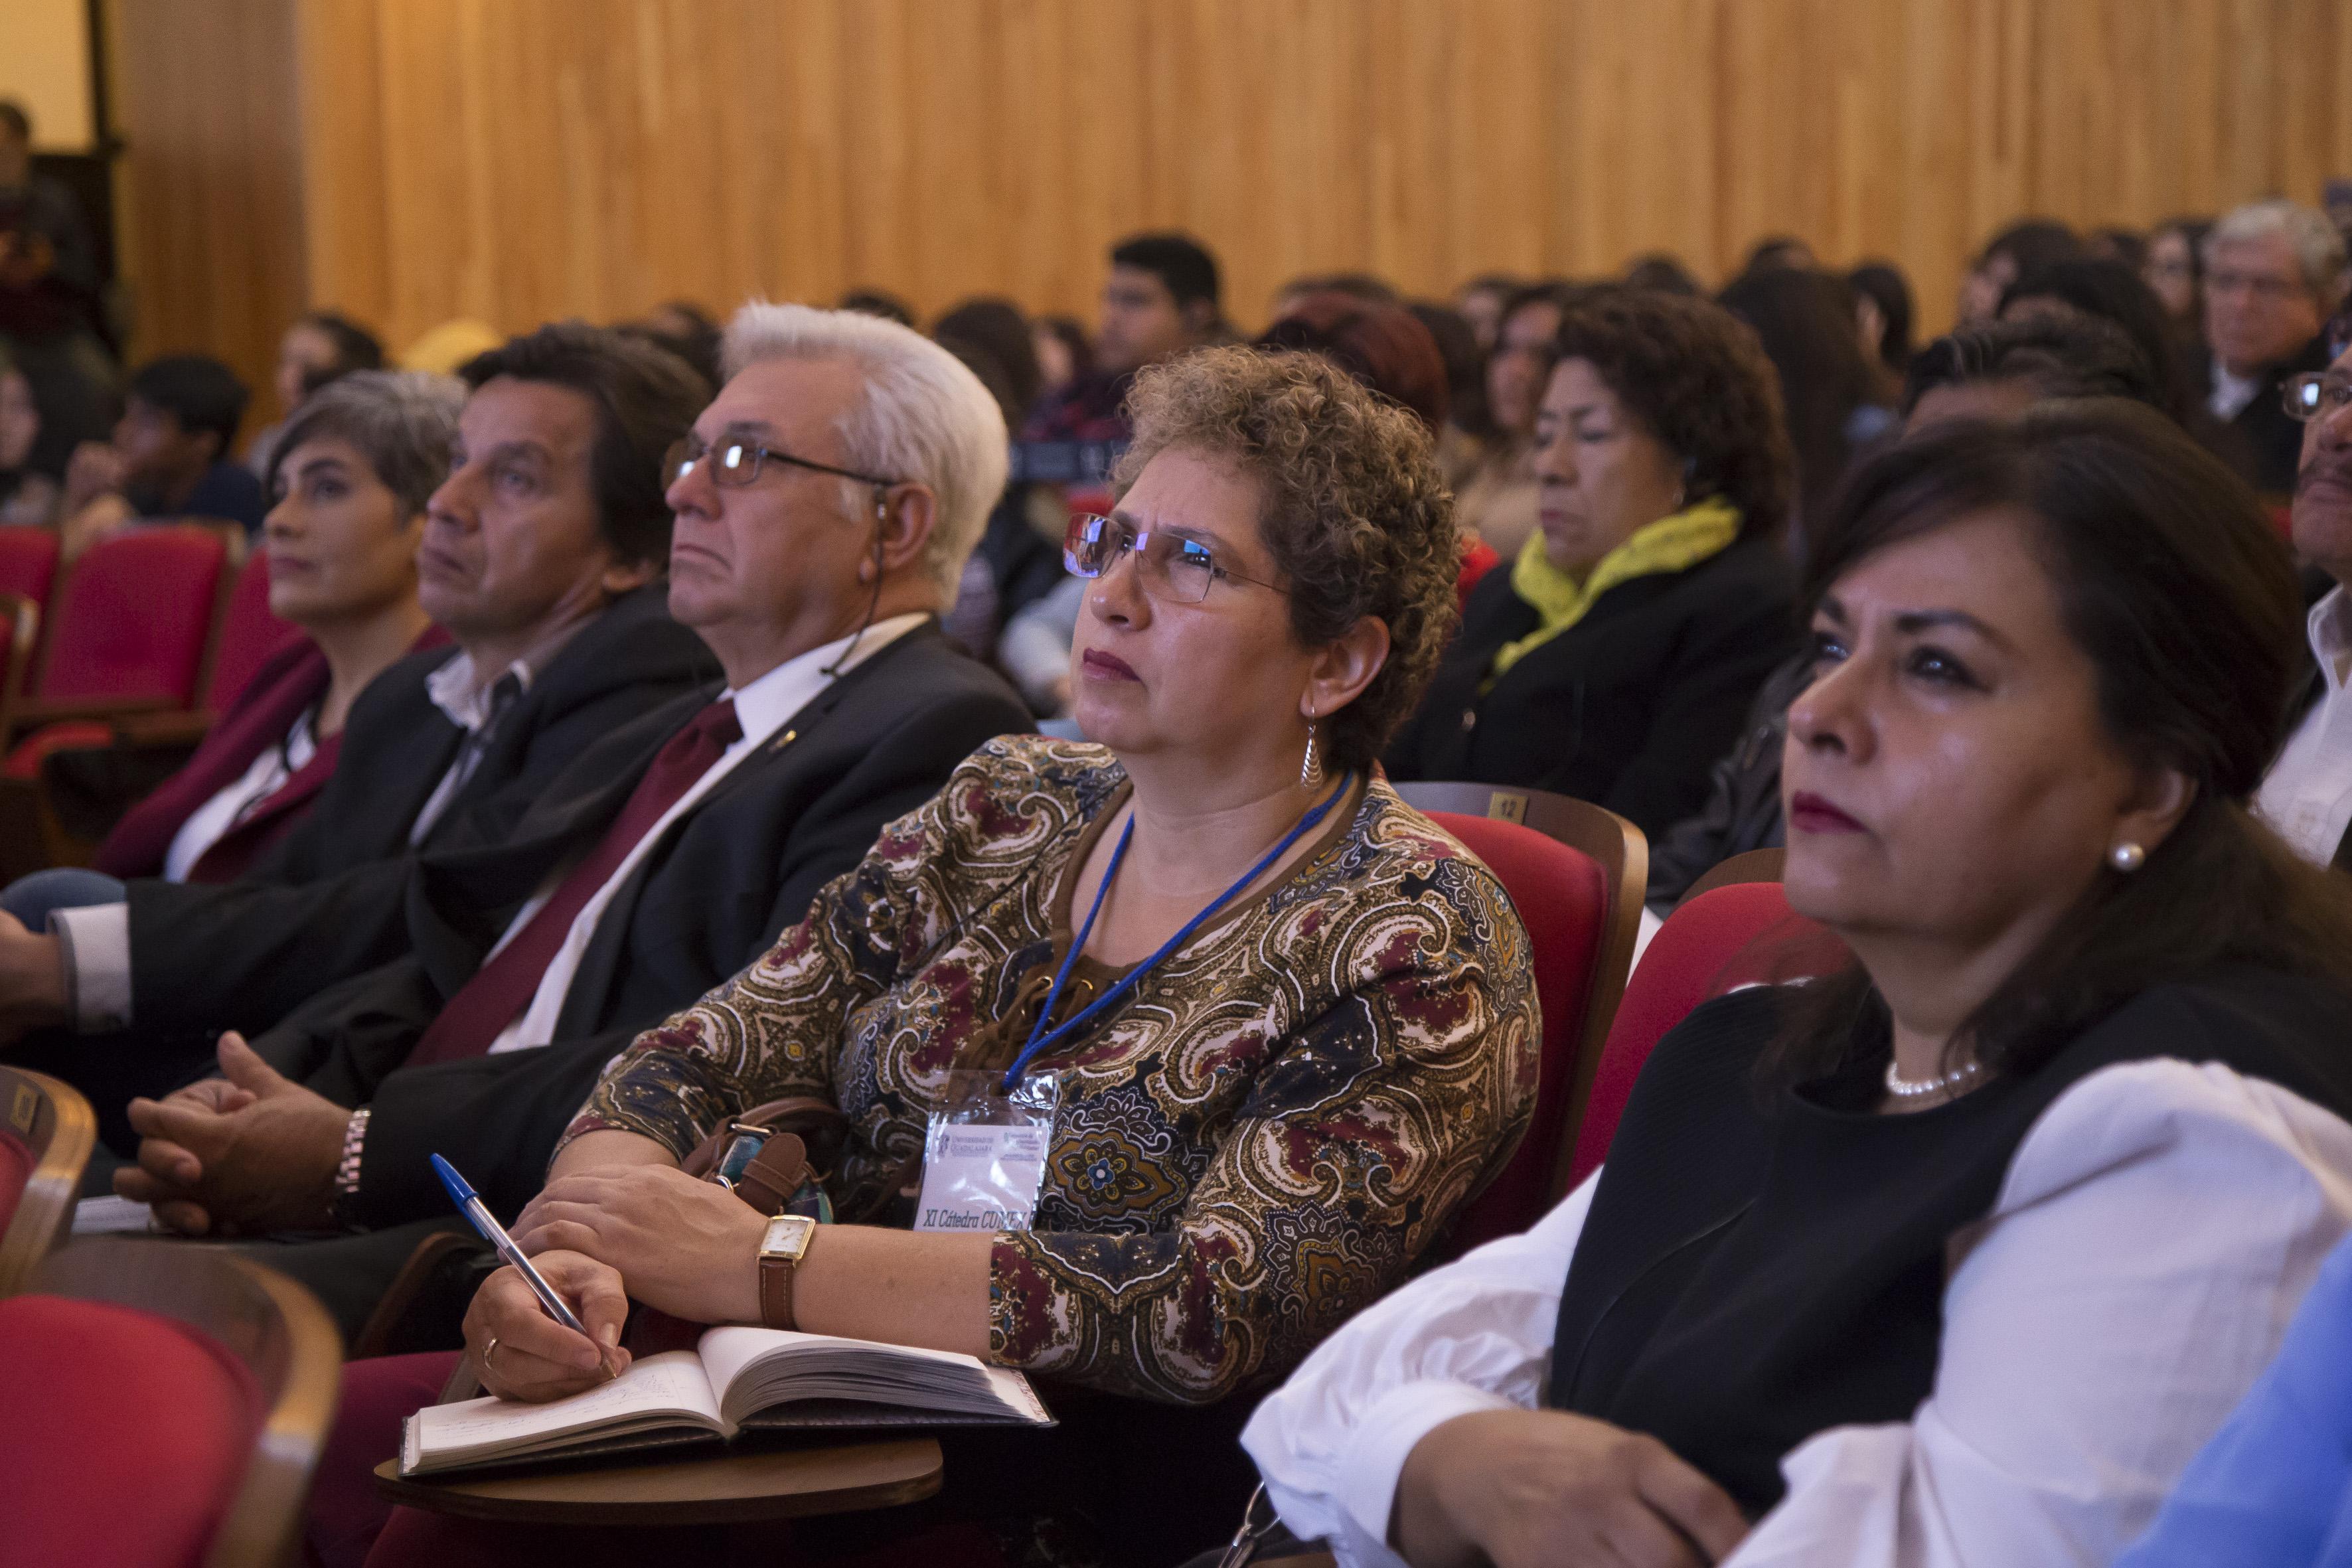 """Publico asistente a la conferencia Conferencia inaugural de la Cátedra Cumex (Consorcio de Universidades Mexicanas) de Veterinaria y Zootecnia """"Doctora Aline Schunemann de Aluja"""""""